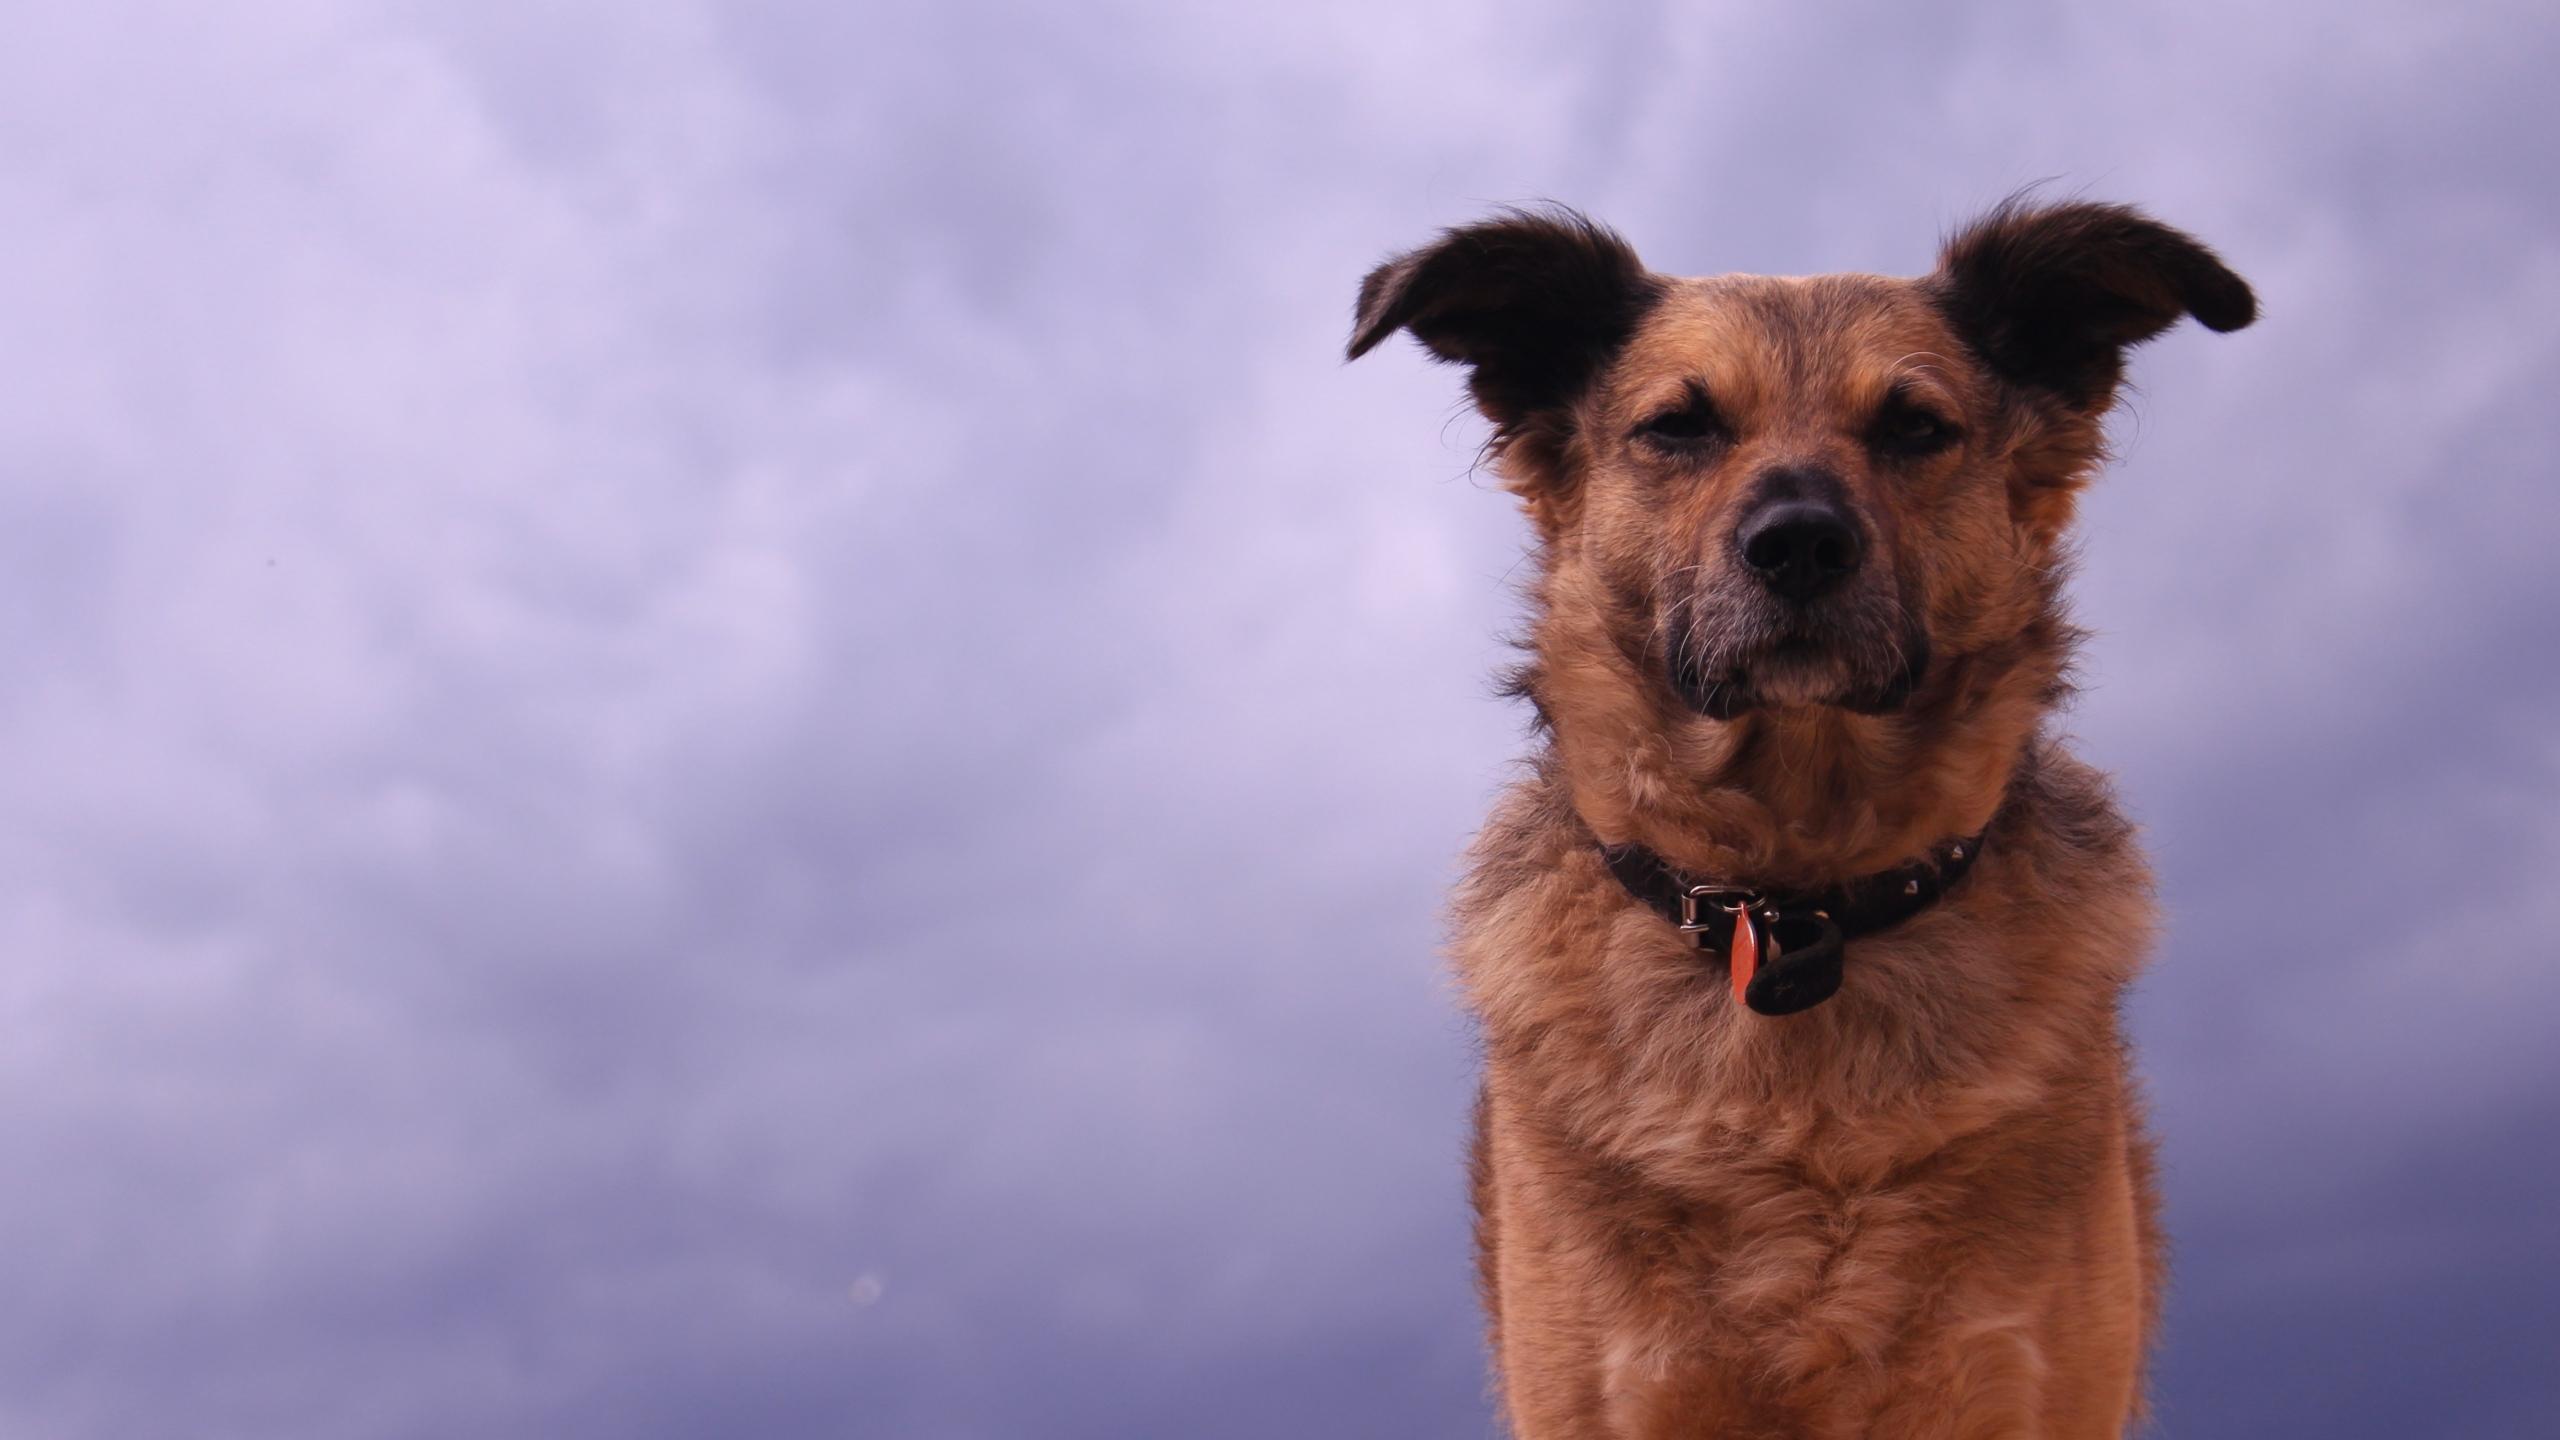 HDoboi.Kiev.ua - Гордый взгляд пса, обои на телефон андроид собаки